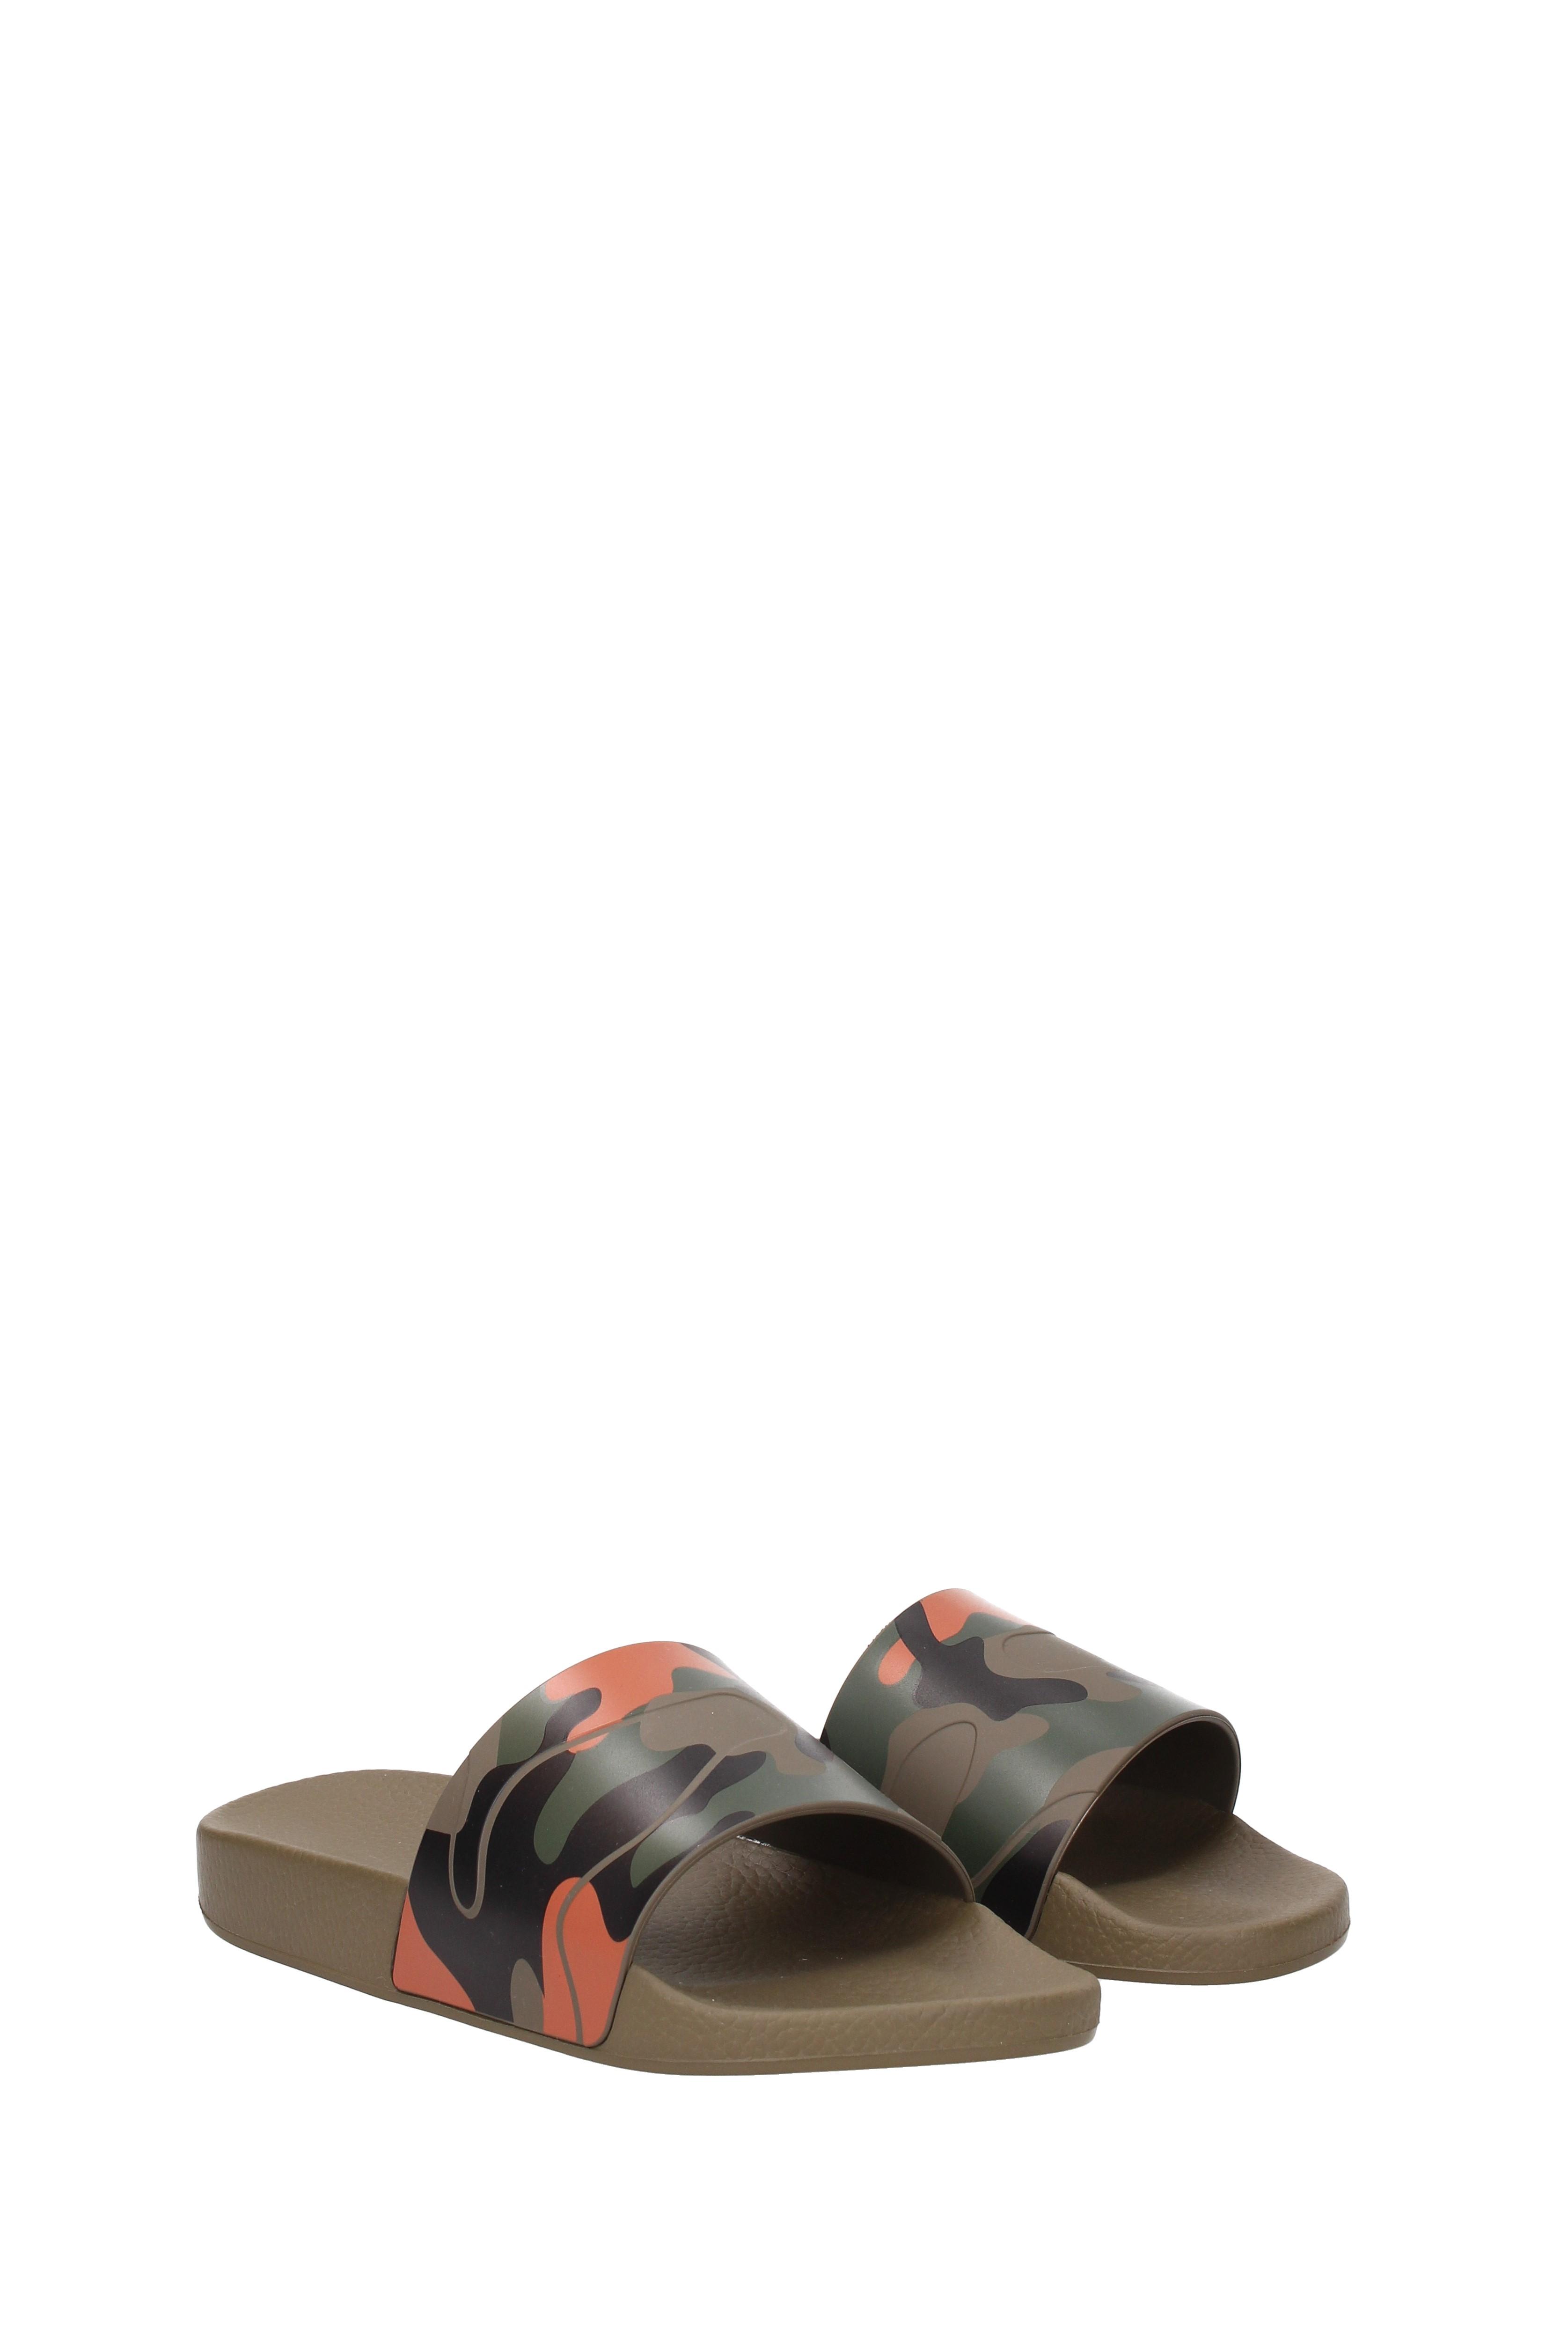 Pantofole da uomo Slippers and clogs Valentino Garavani uomo - Rubber (0S0873PCG)